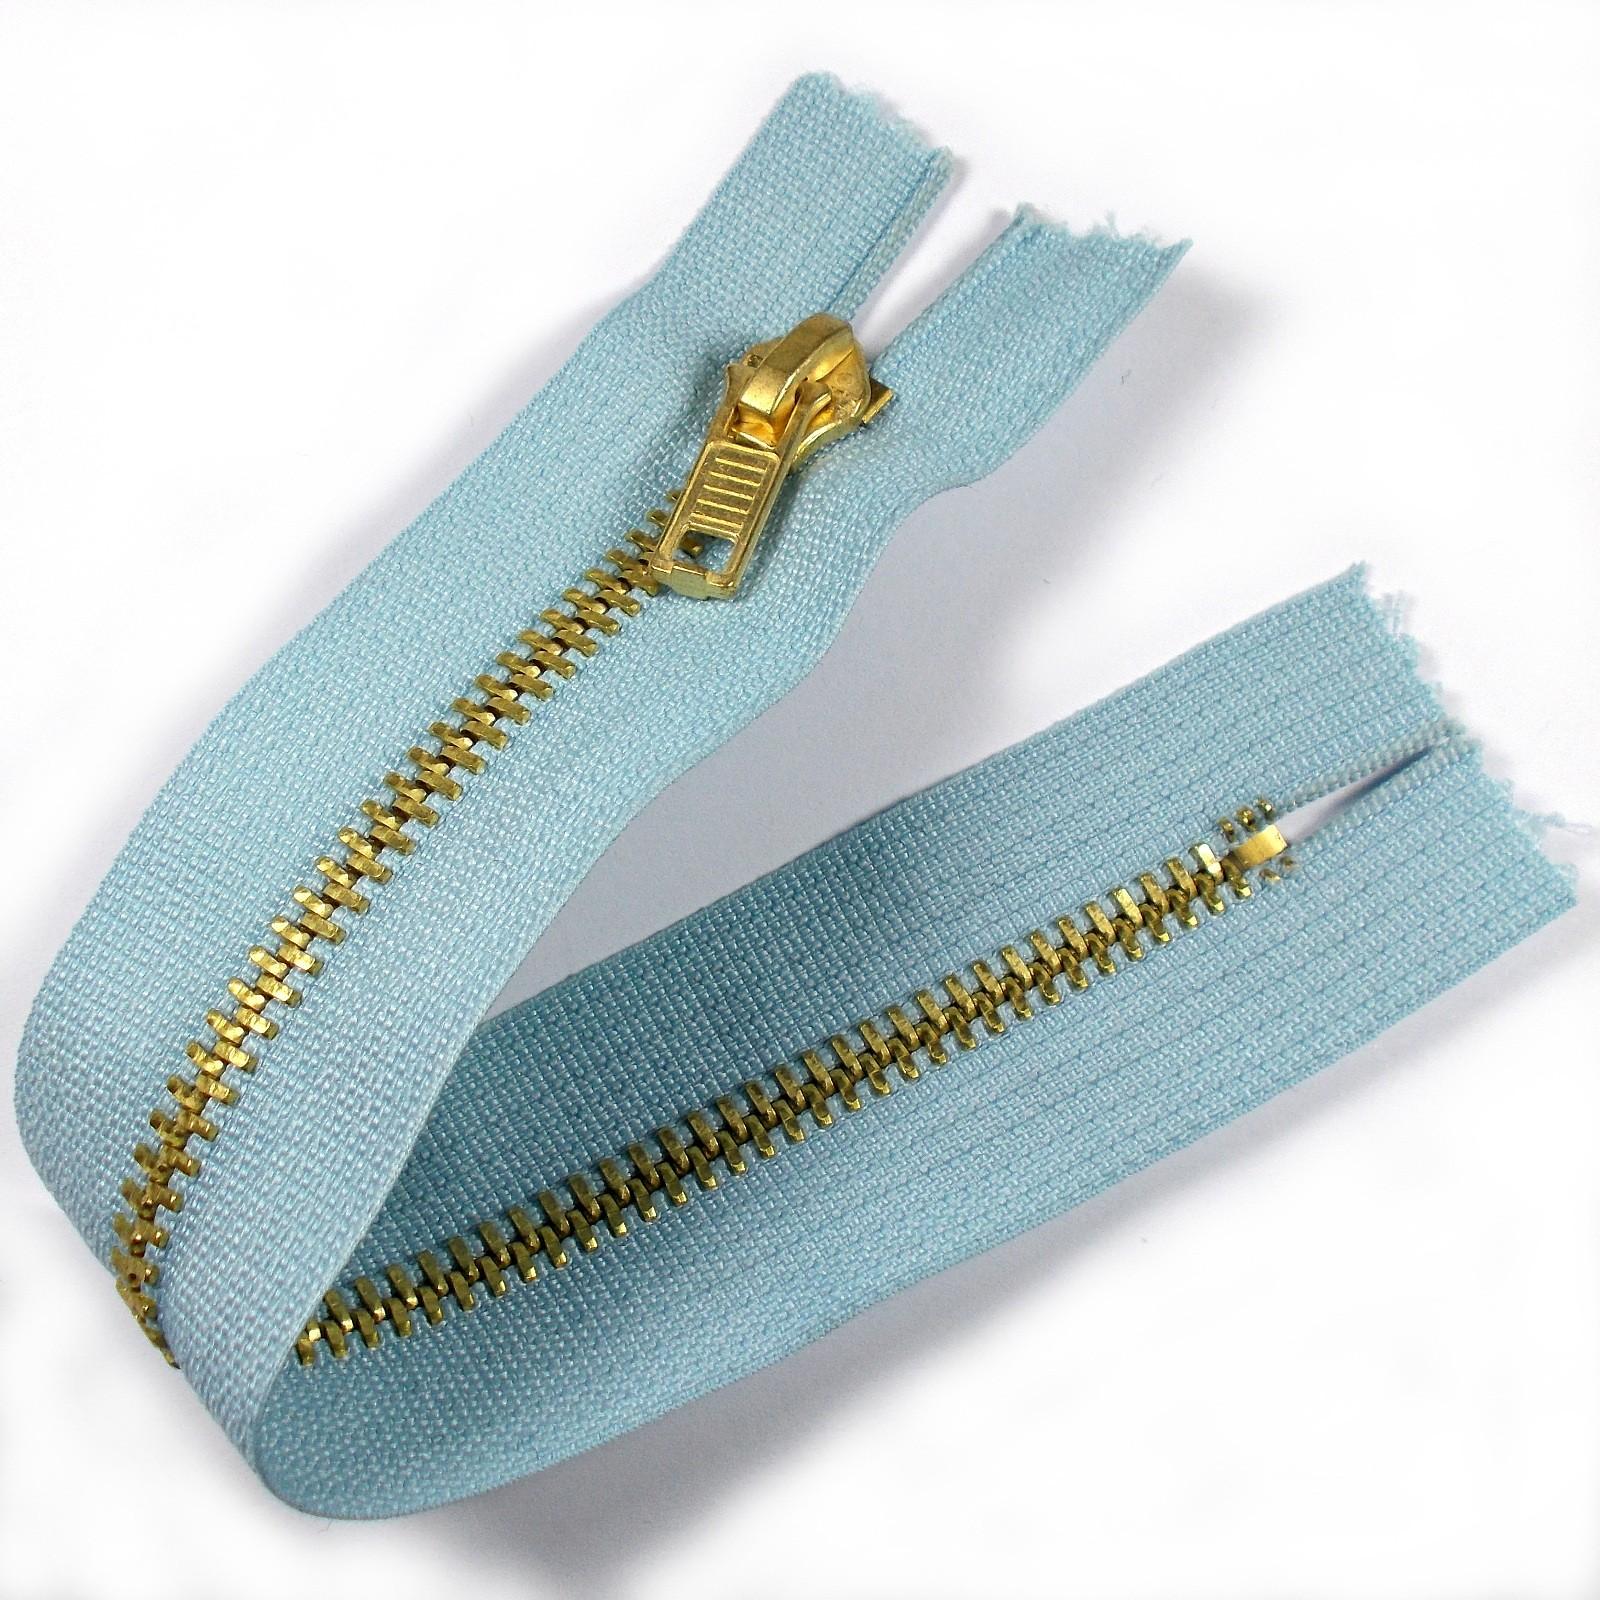 Gold Metal Trouser Jeans Zip Zipper 7 inch Light Blue